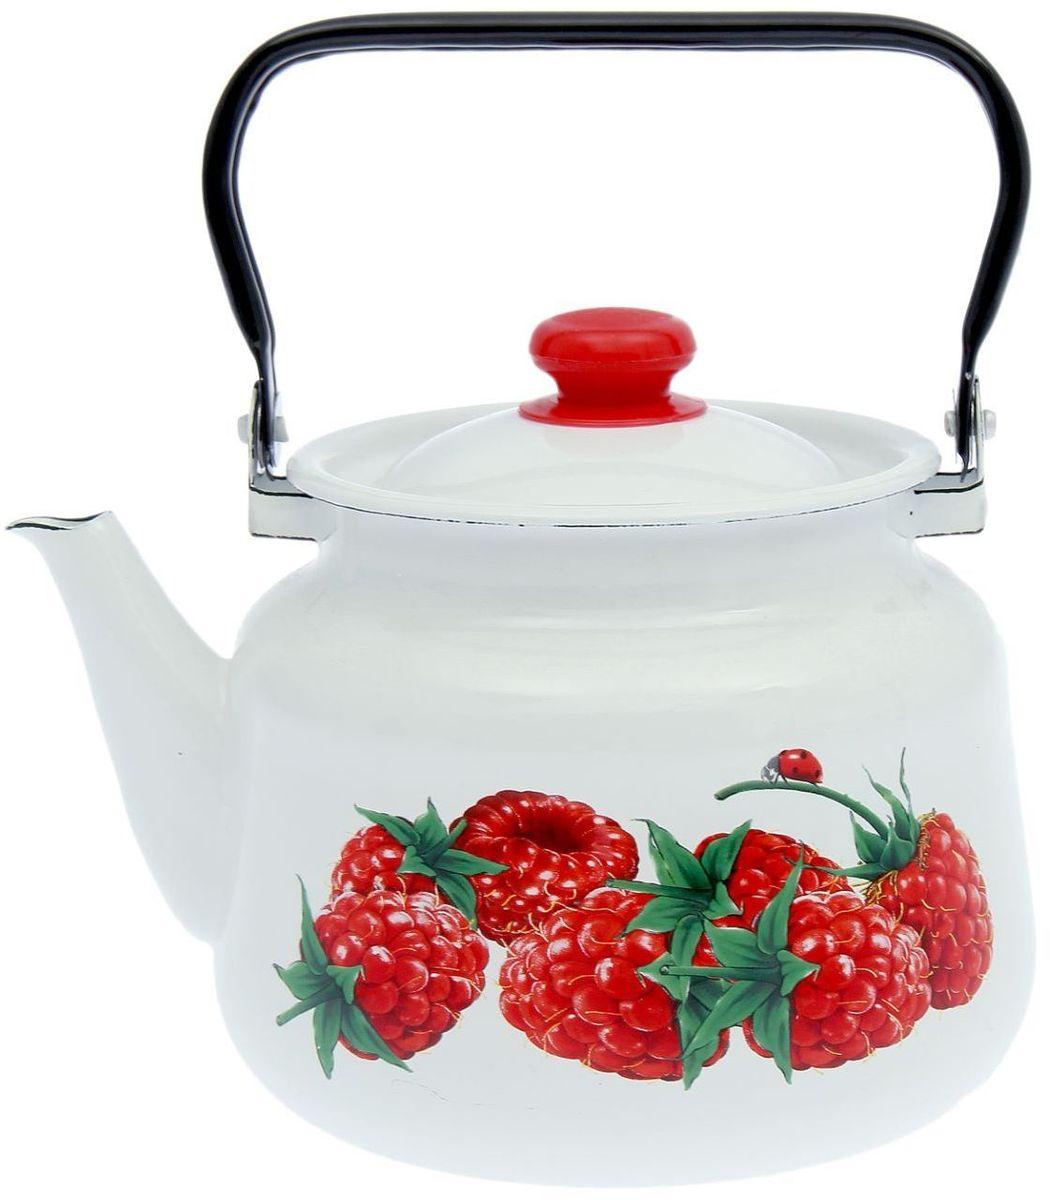 Чайник эмалированный Epos Малина, 3,5 л115510Чайник Epos Малина выполнен из высококачественной стали с эмалированным покрытием. Поверхность чайникагладкая, что облегчает уход за ним. Большой объемпозволит приготовить напиток для всей семьи илинебольшой компании. Эстетичный и функциональный чайник будеторигинально смотреться в любом интерьере. Душевная атмосфера и со вкусом накрытый стол всегда будут собирать в вашем доме близких и друзей.Чайник подходит для использования на всех типах плит,включая индукционные. Объем: 3,5 л.